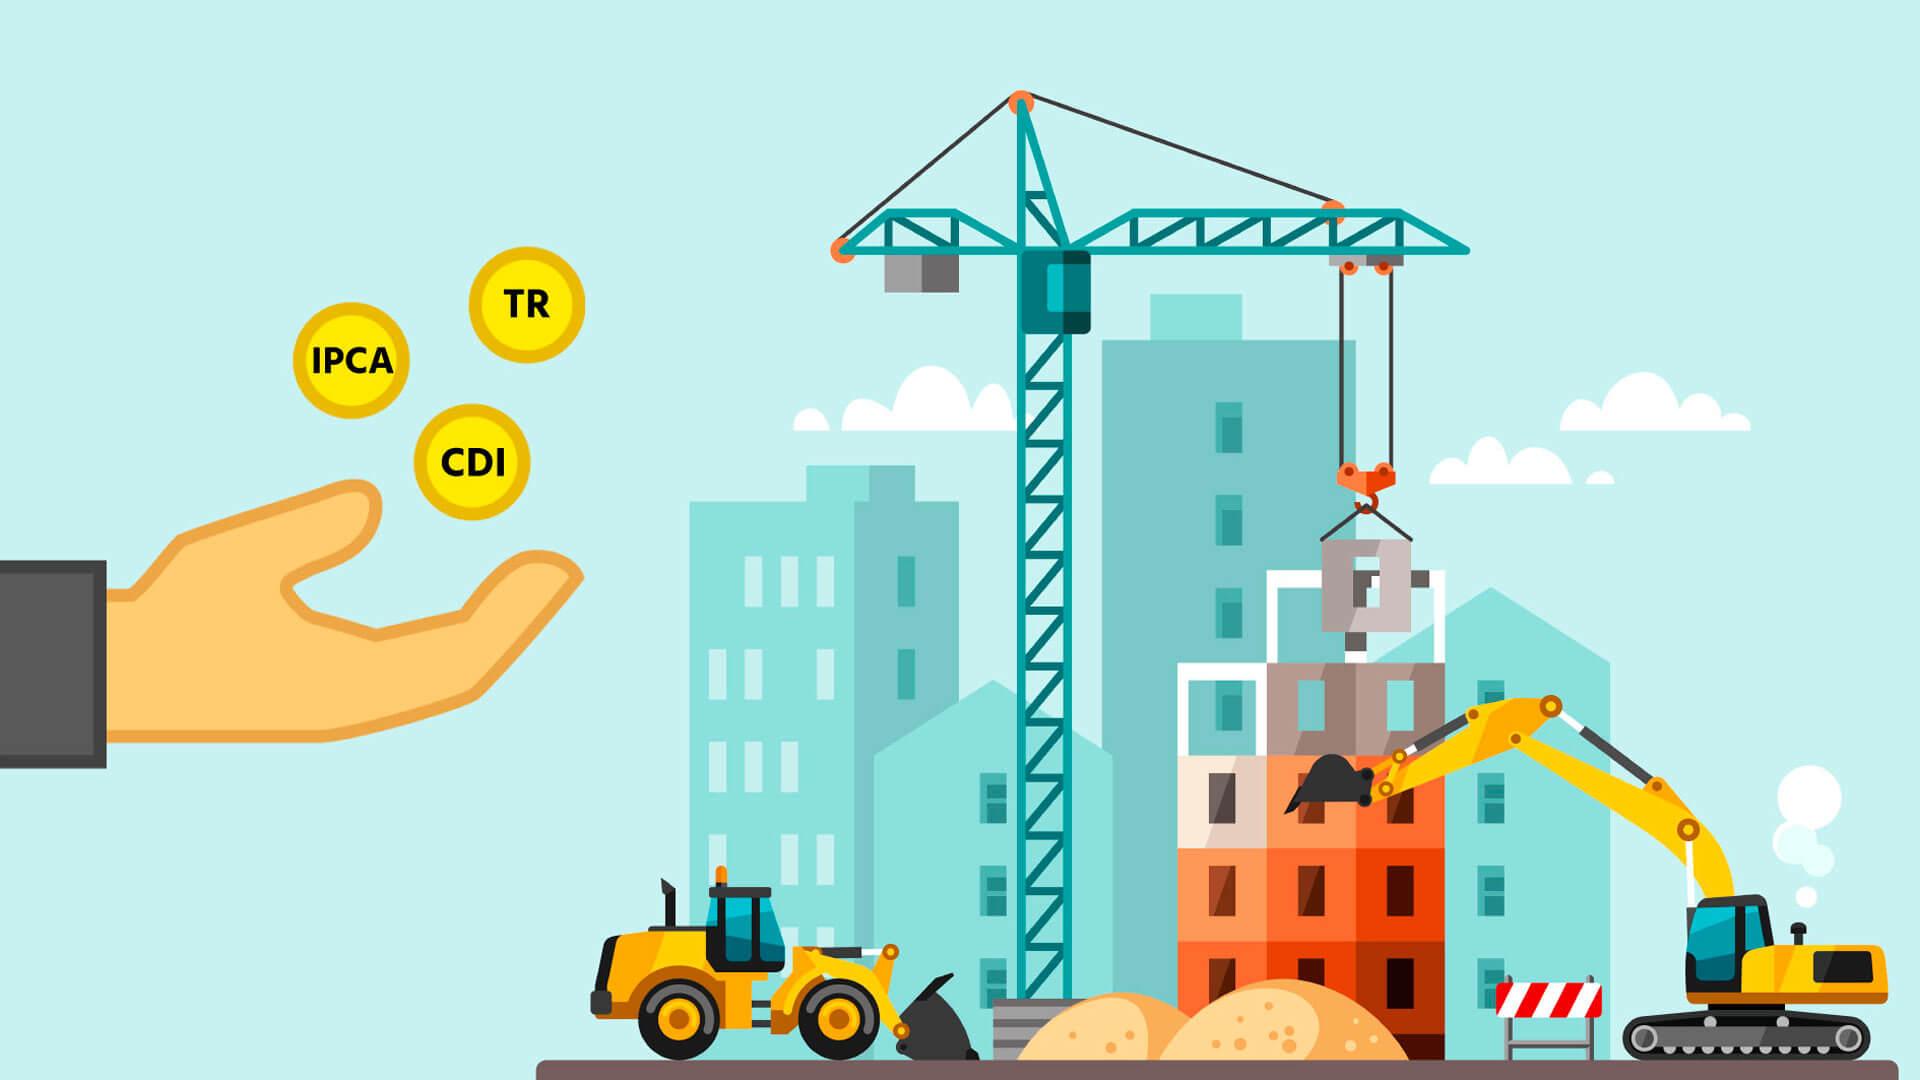 ilustração de uma construção de prédio, onde aparece um trator, guindaste, areia.